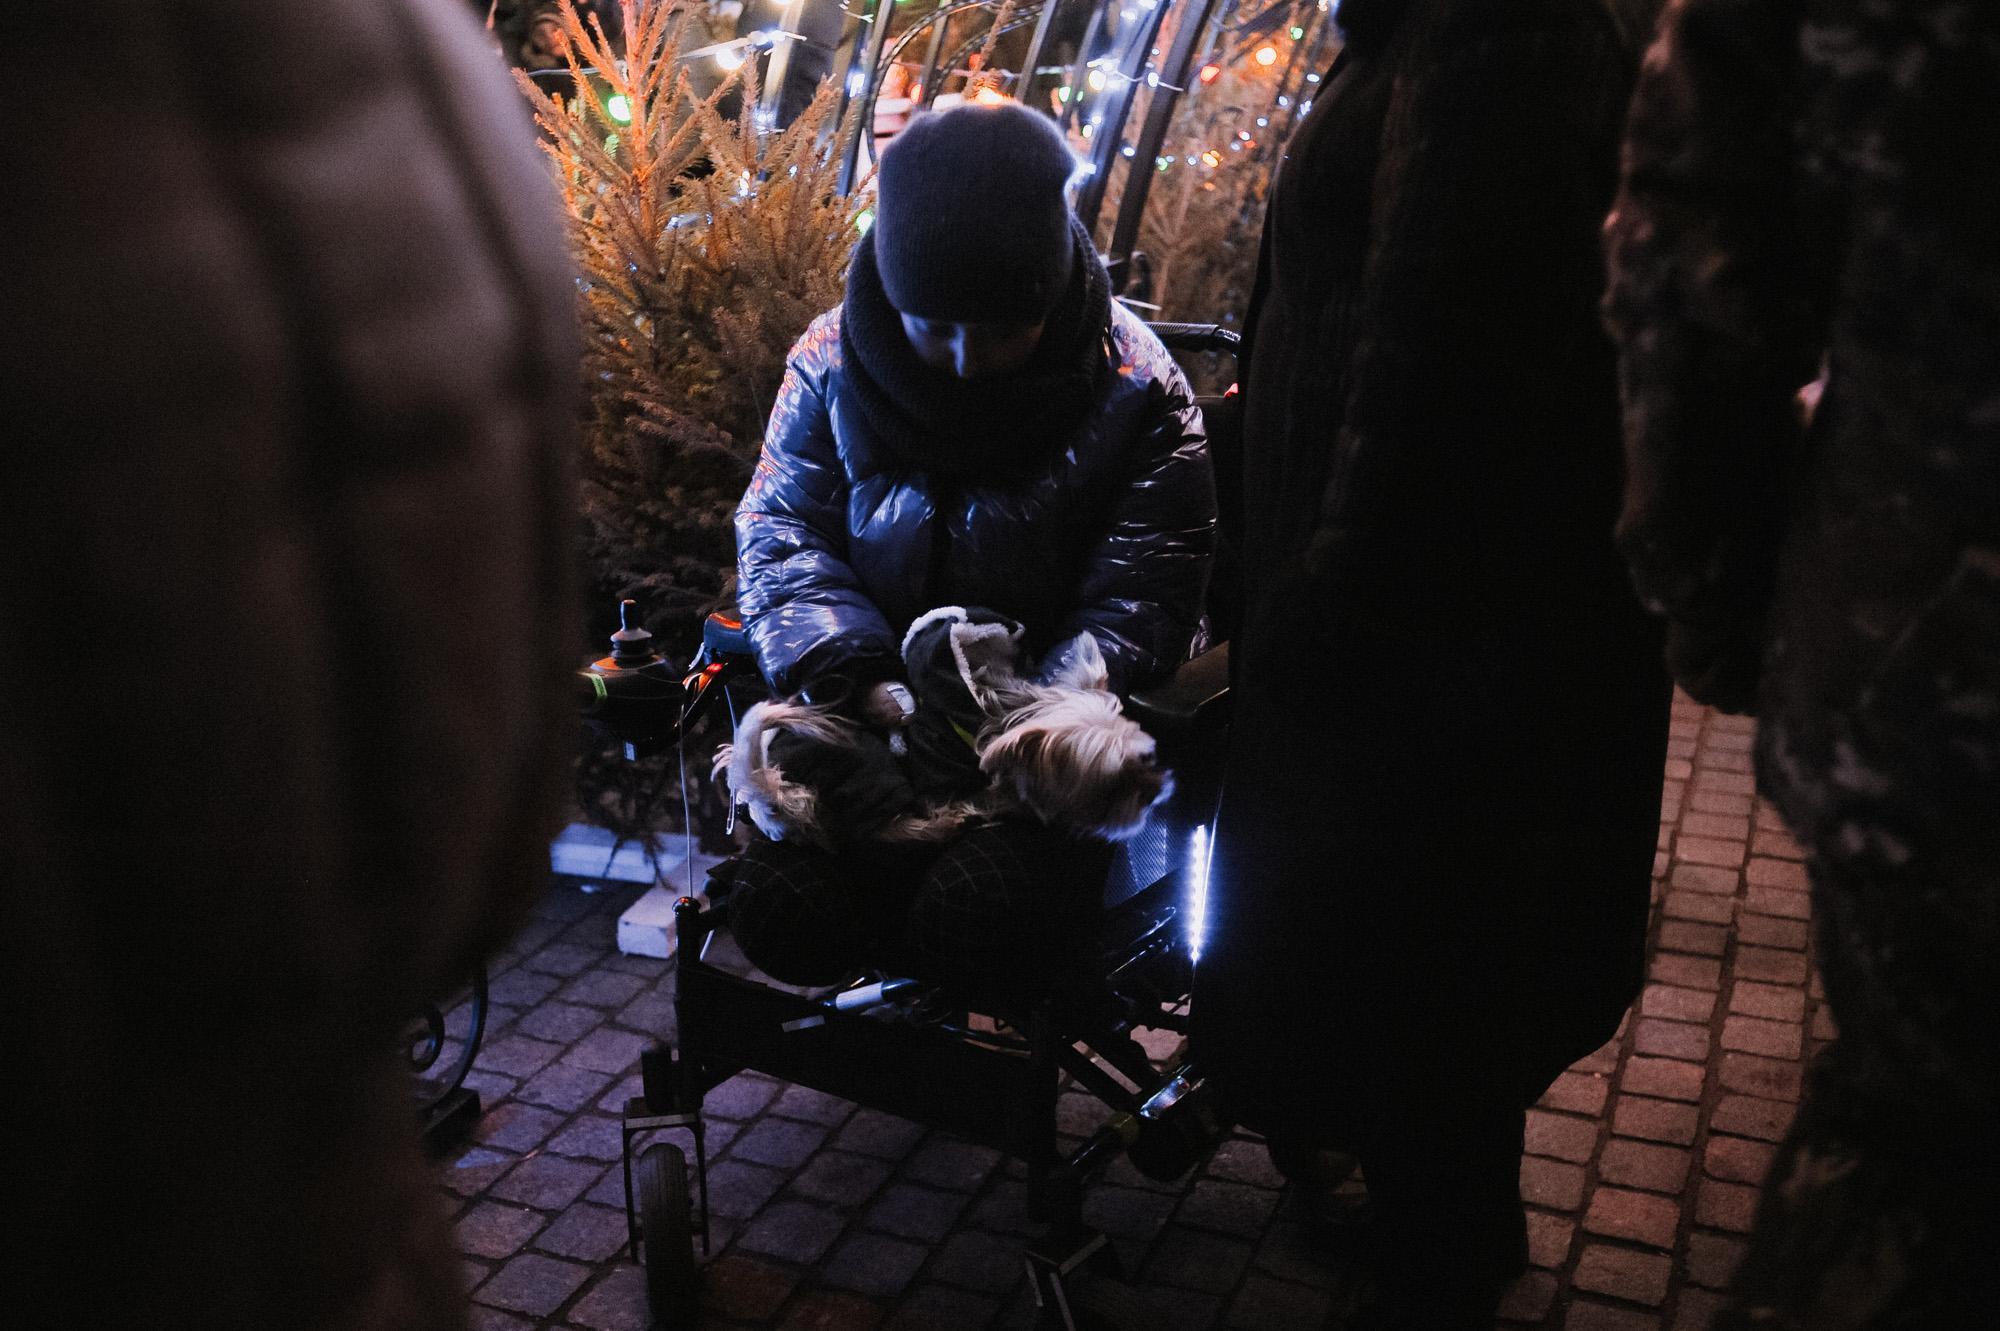 ZZZ 6826 В Астрахани на площади Ленина зажгли новогоднюю елку: кадры торжества